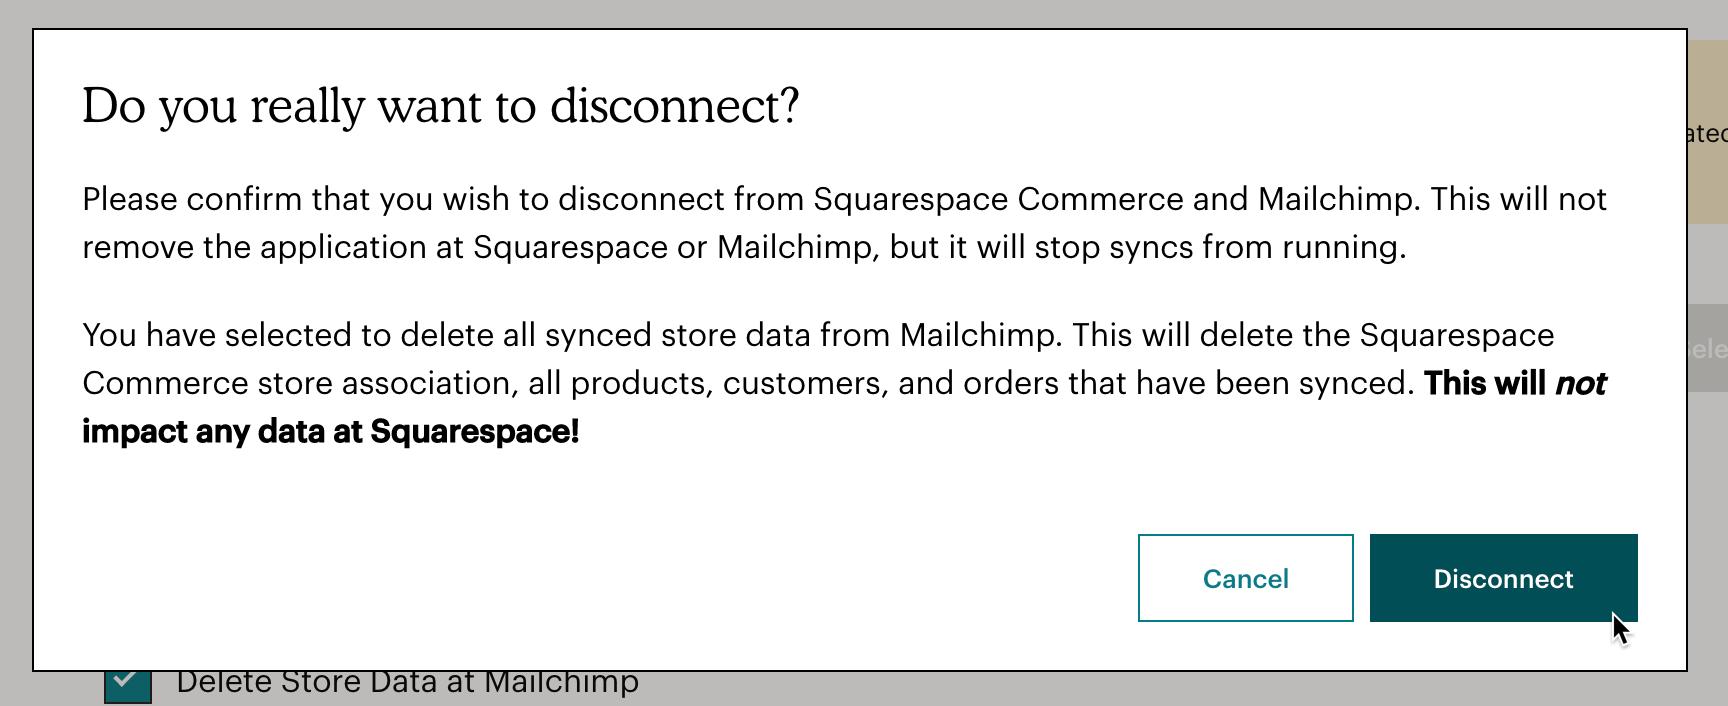 Squarespace-Disconnect-Confirm